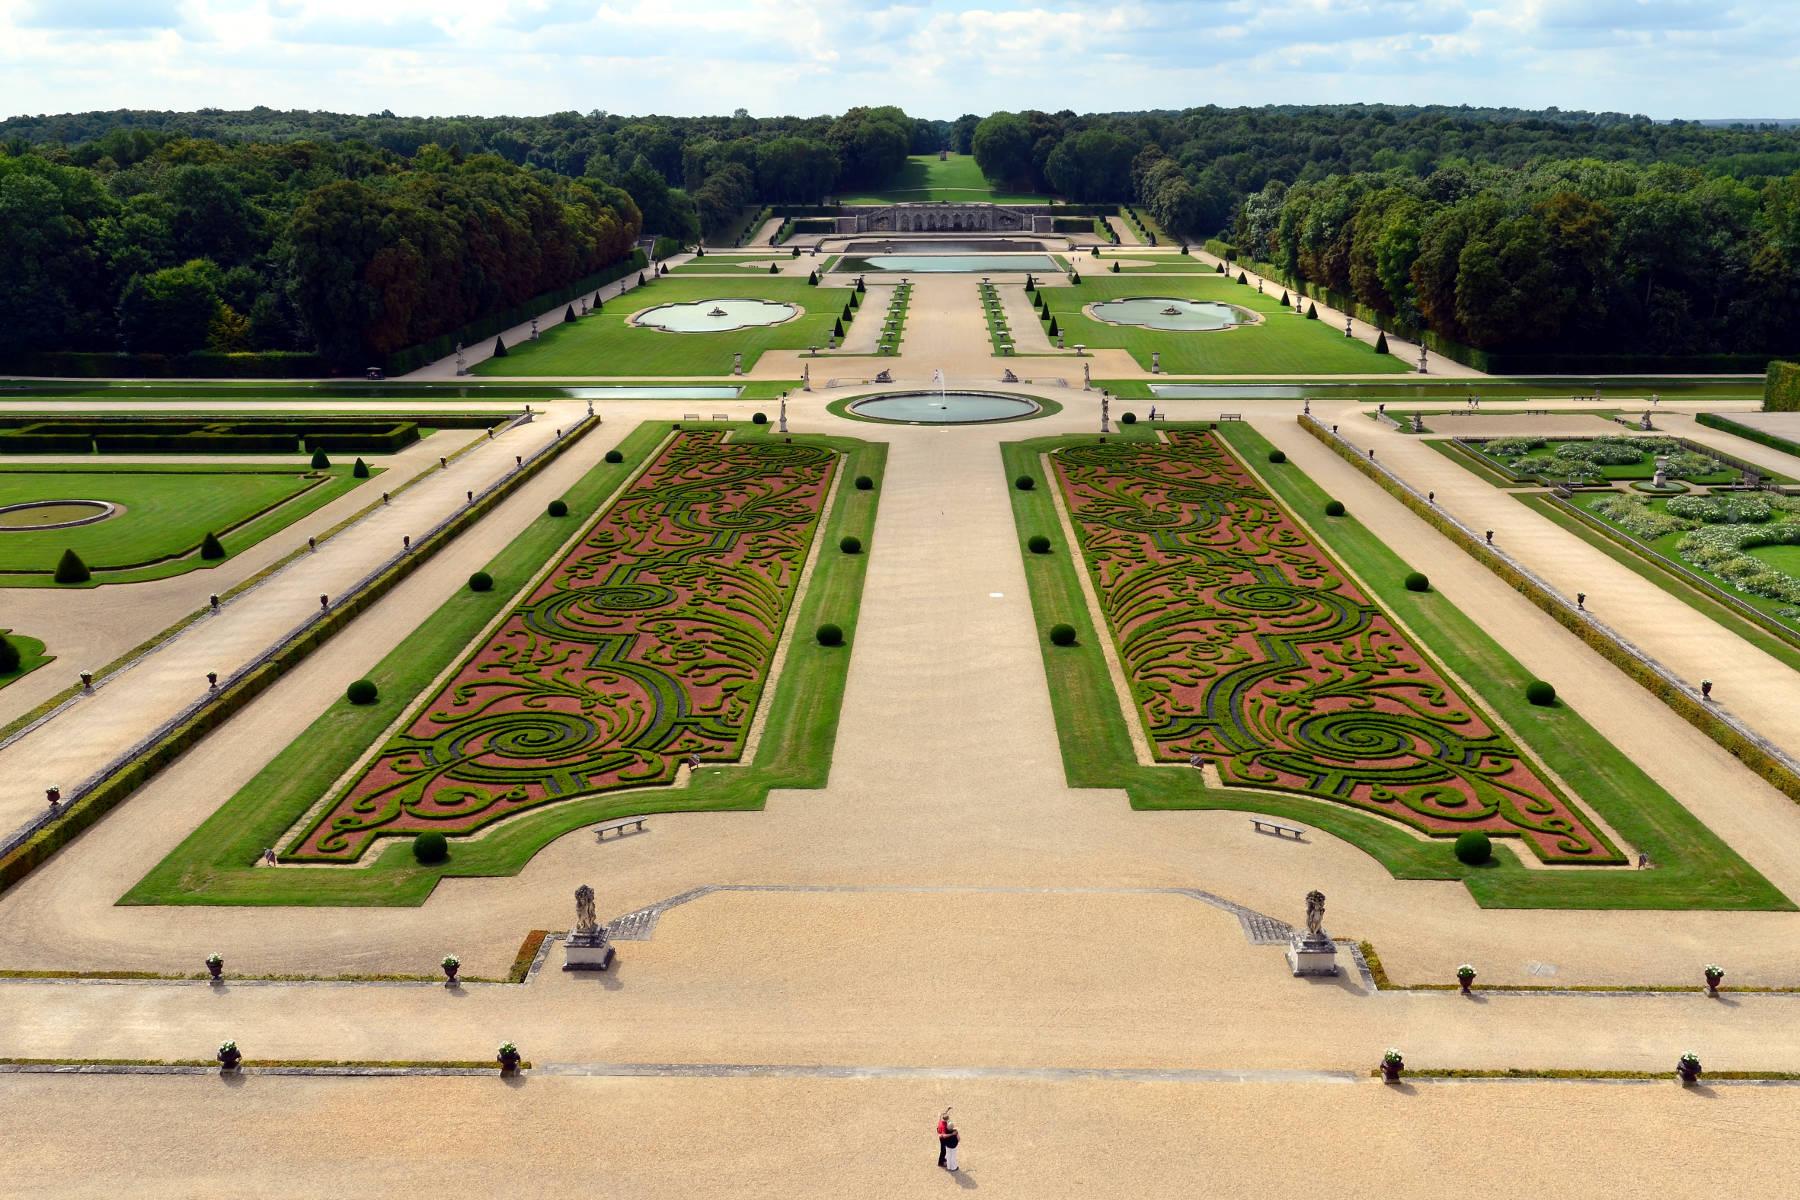 El jardín francés es un estilo de jardín formal